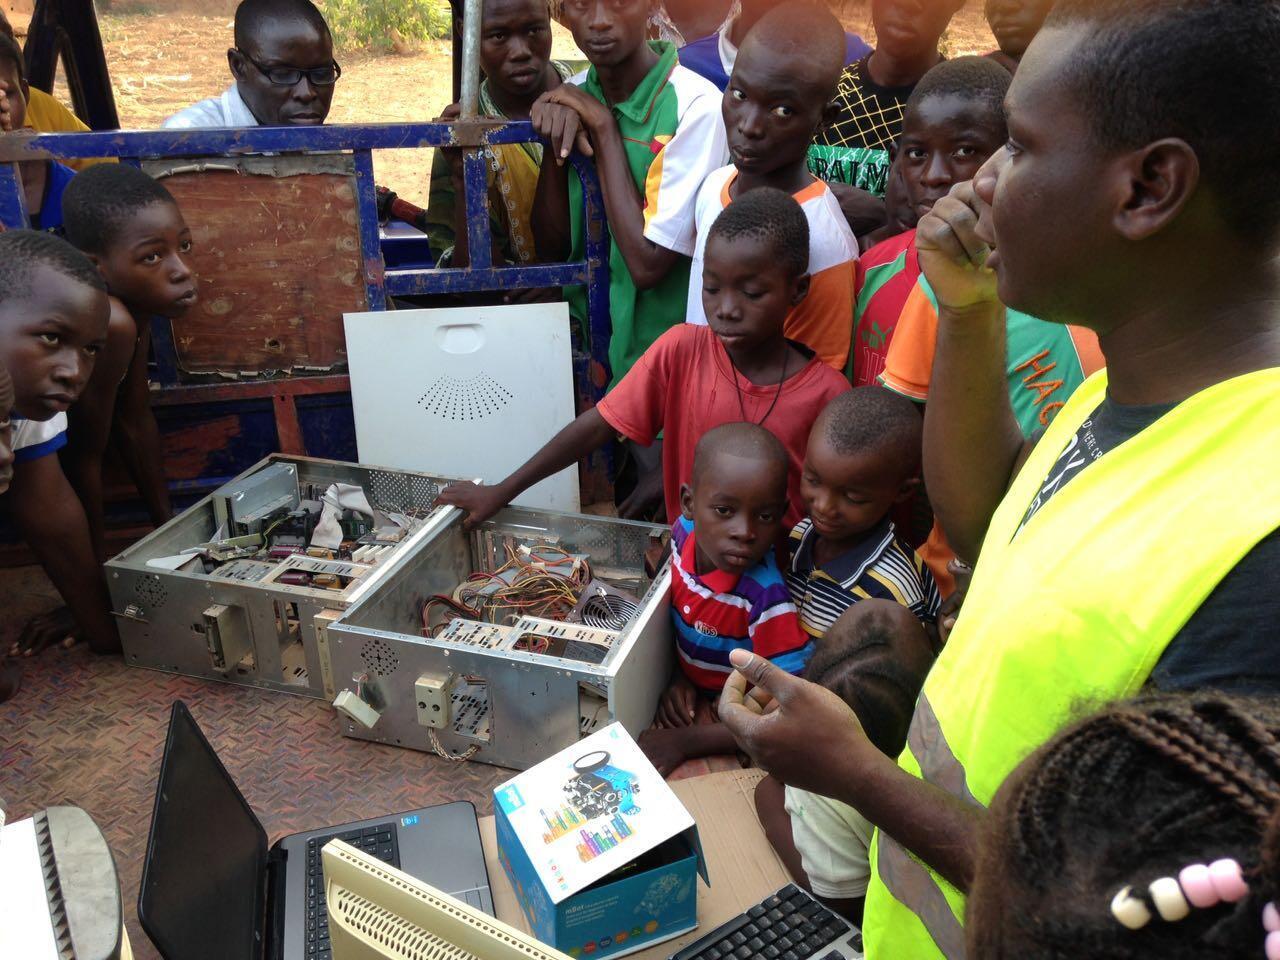 Ghislain forme des jeunes de Titao, au Burkina Faso, aux nouvelles technologies. Photo envoyée par notre Observateur.